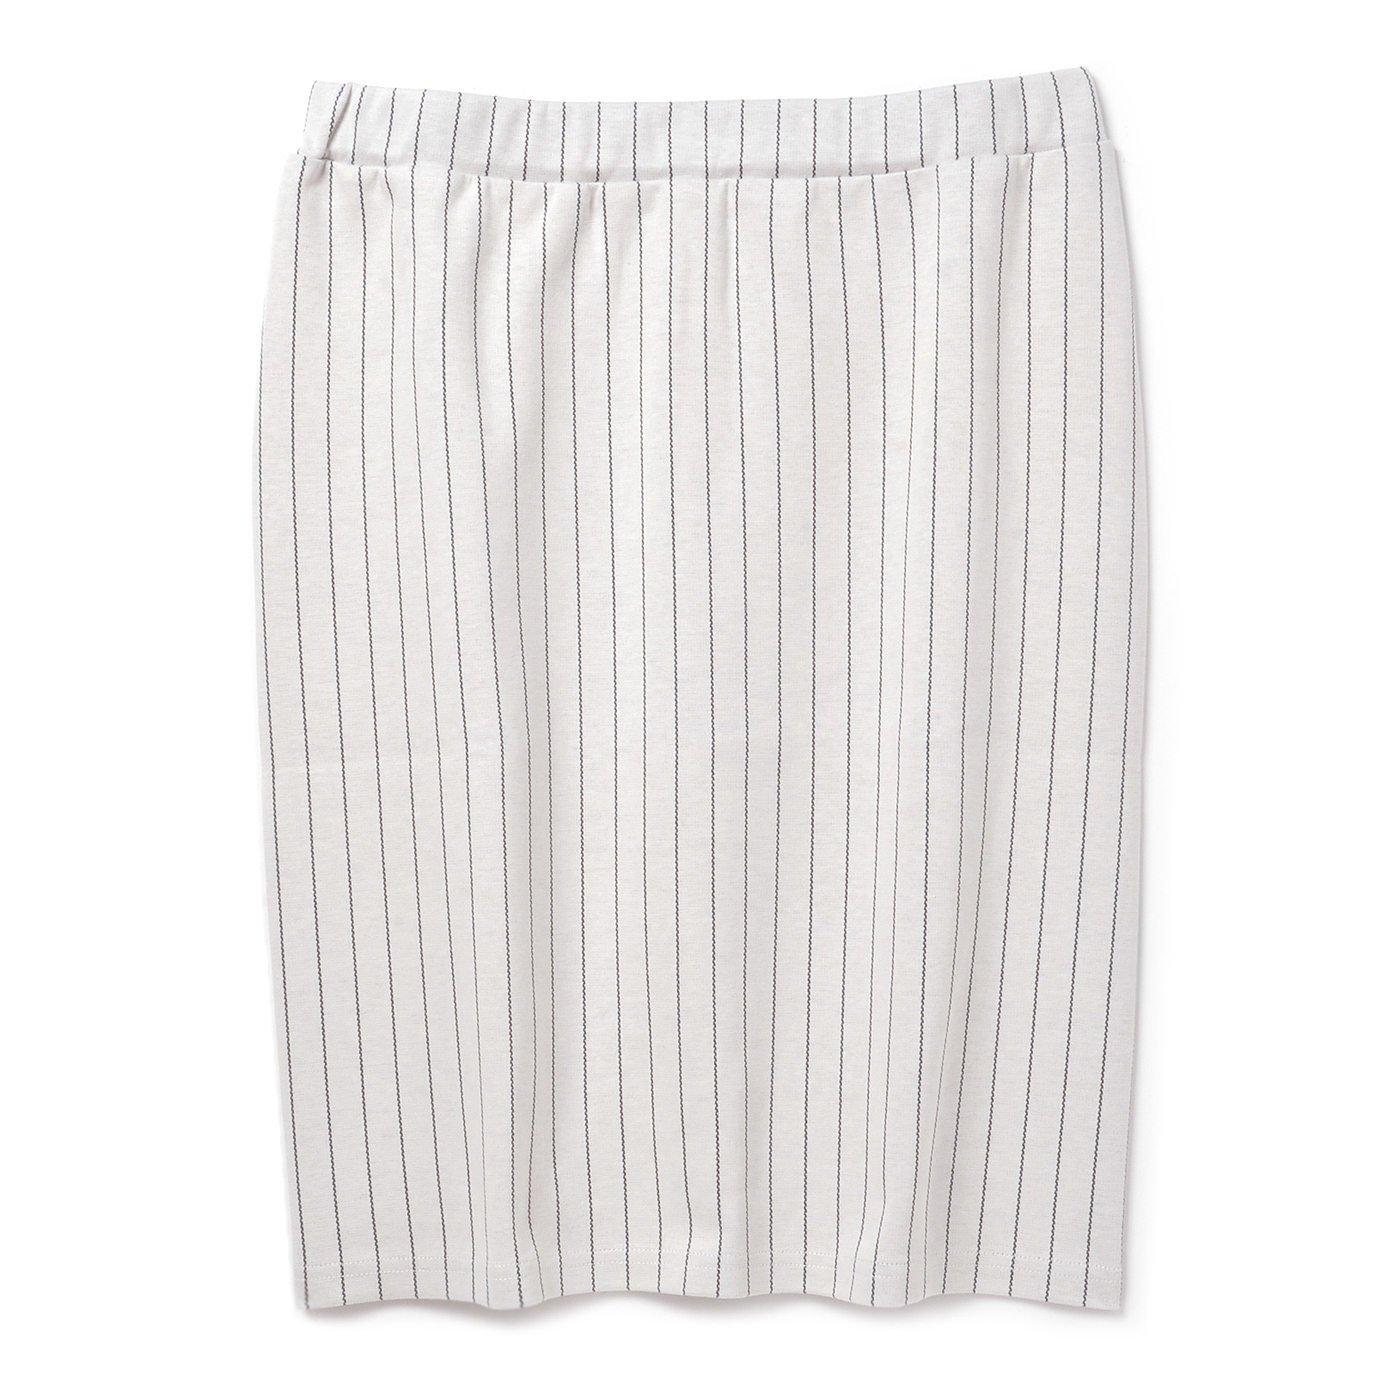 ストライプジャカードのタイトスカート(オフホワイト)